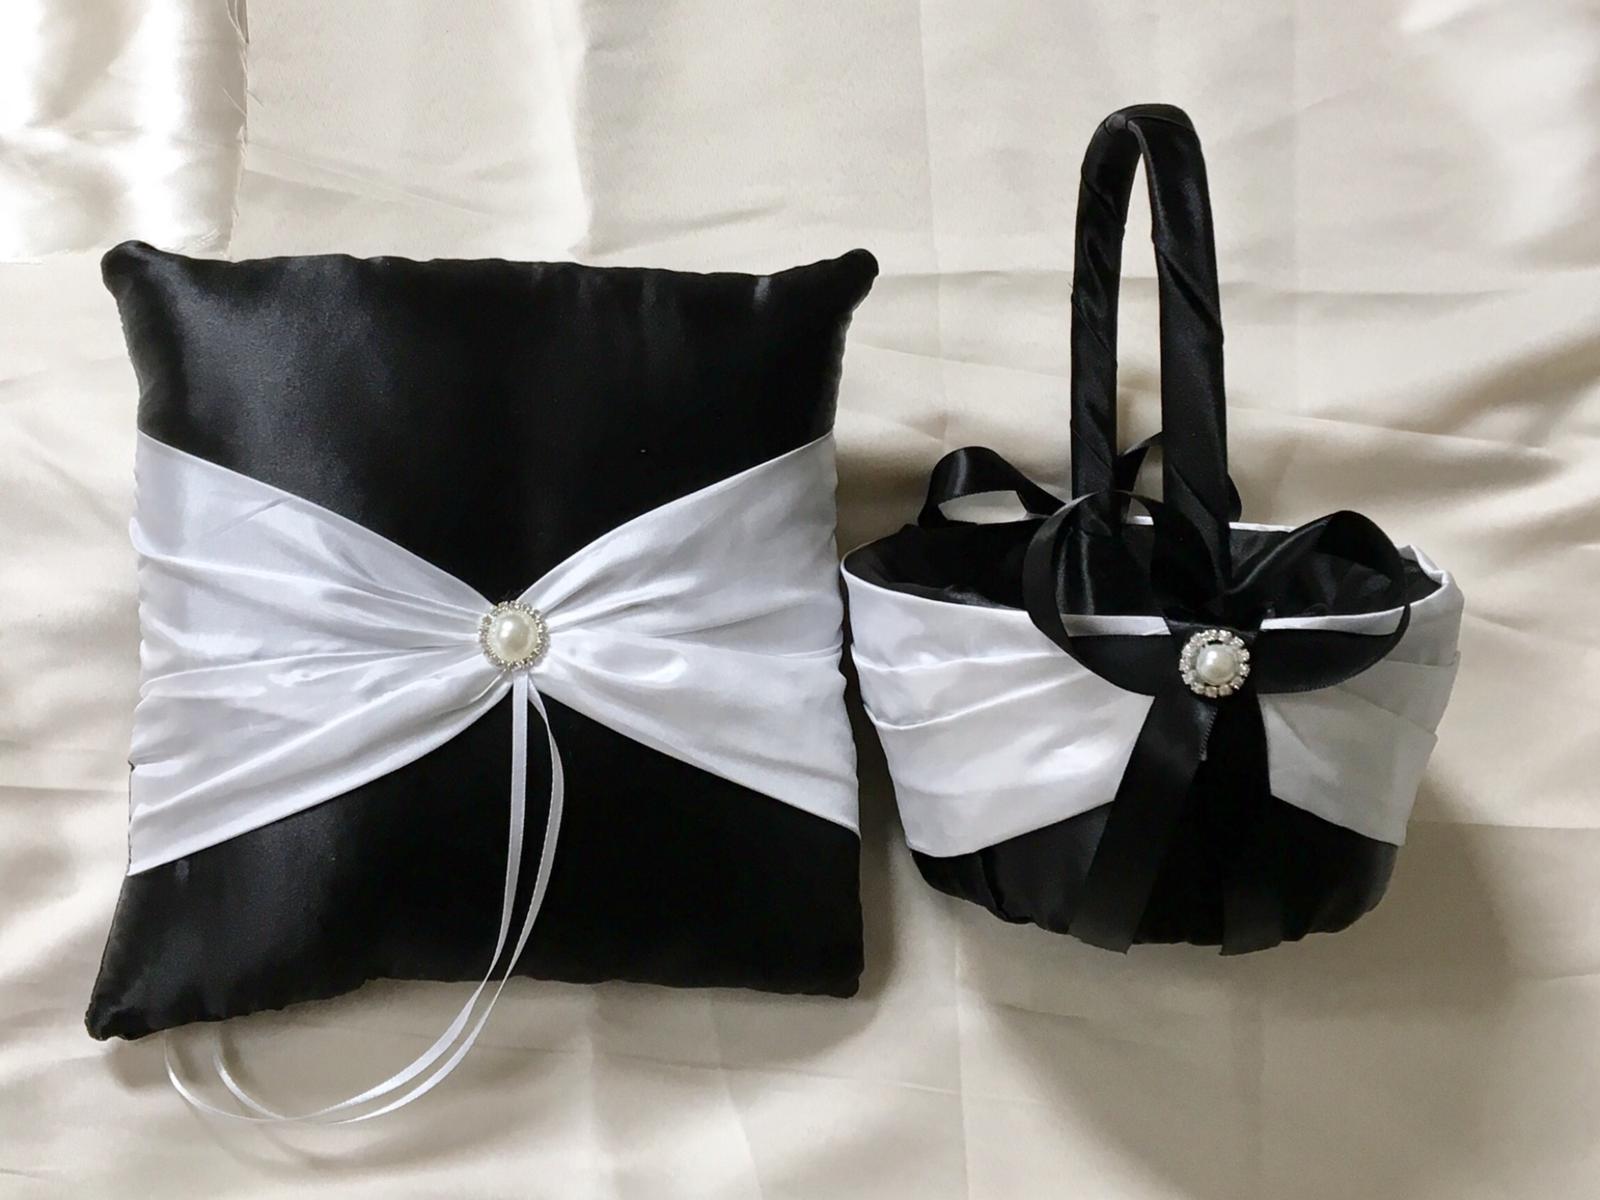 Wedding ring bearer pillow flowergirl basket and 50 similar items wedding ring bearer pillow flowergirl basket custom made white over black satin izmirmasajfo